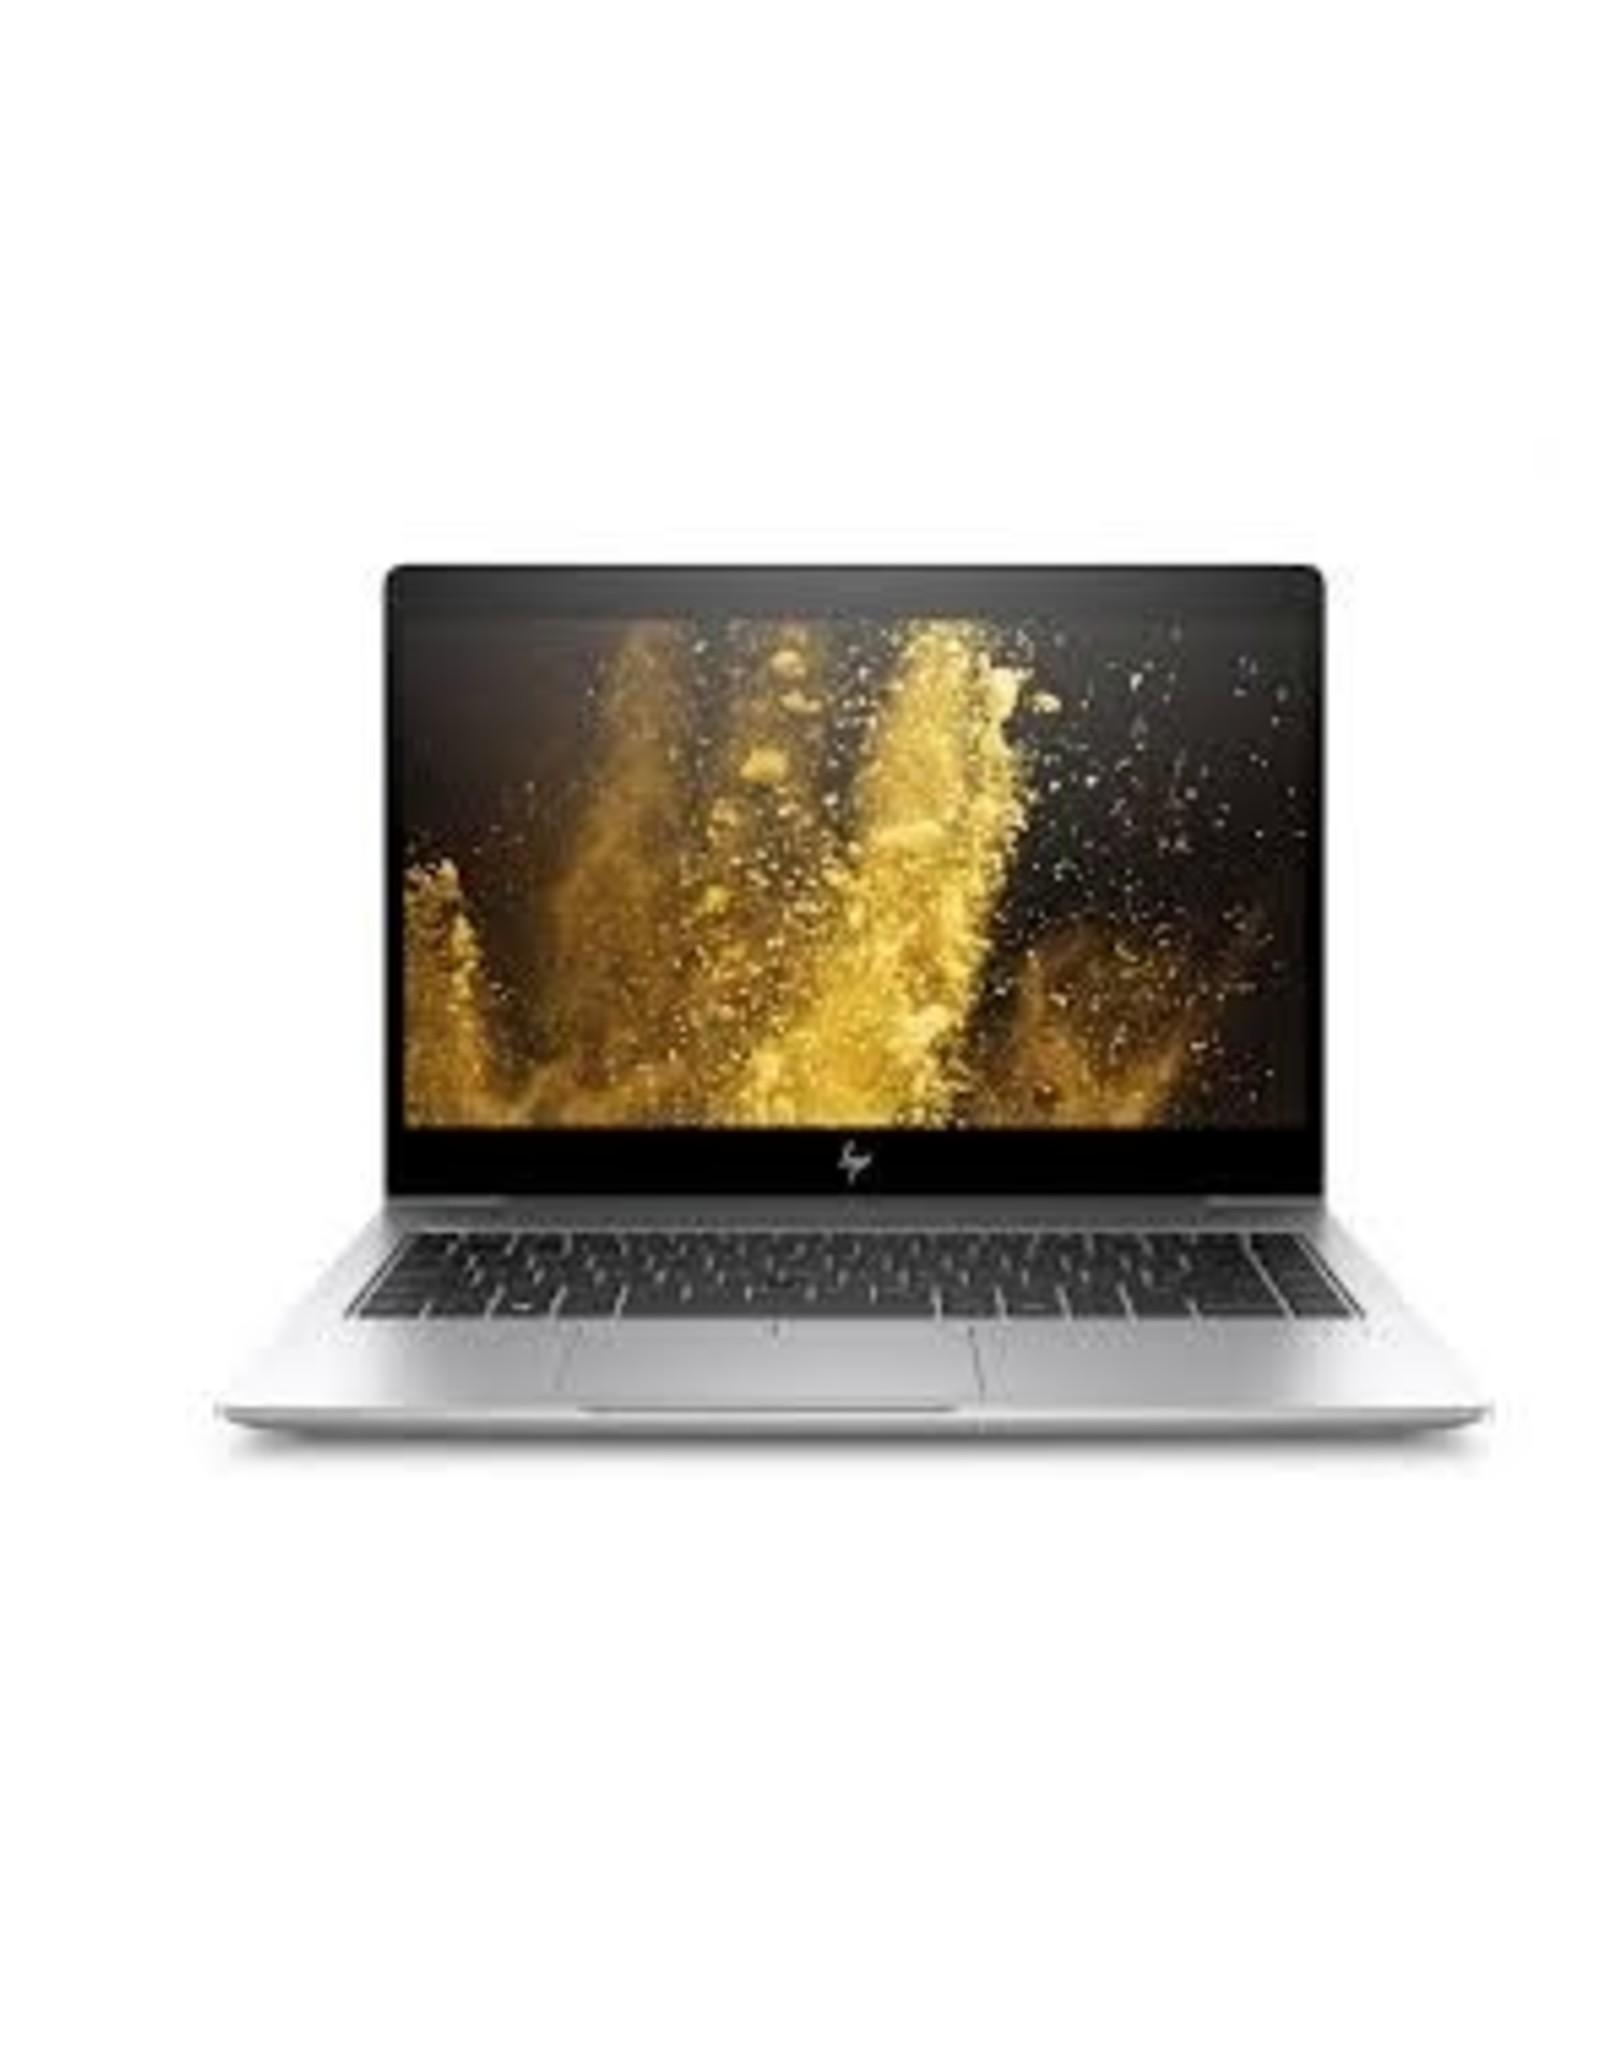 HP HP ELITEBOOK 840 G6 1.8GHZ I7 / 16GB/512GB/ 4YR ADP